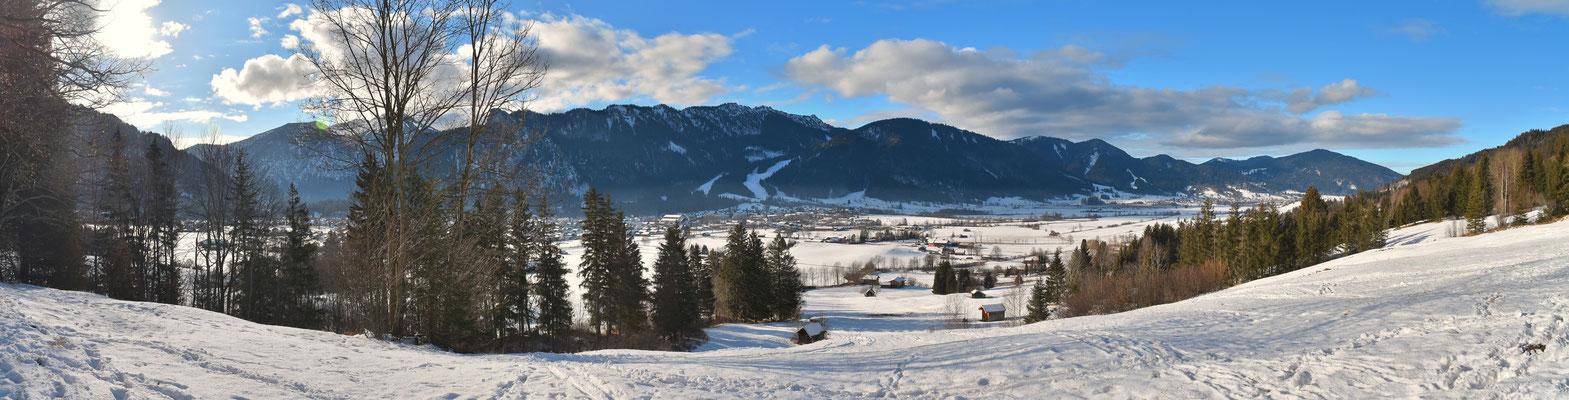 Panorama, Unterammergau, Oberammergau, Winter, Schnee, Wanderung